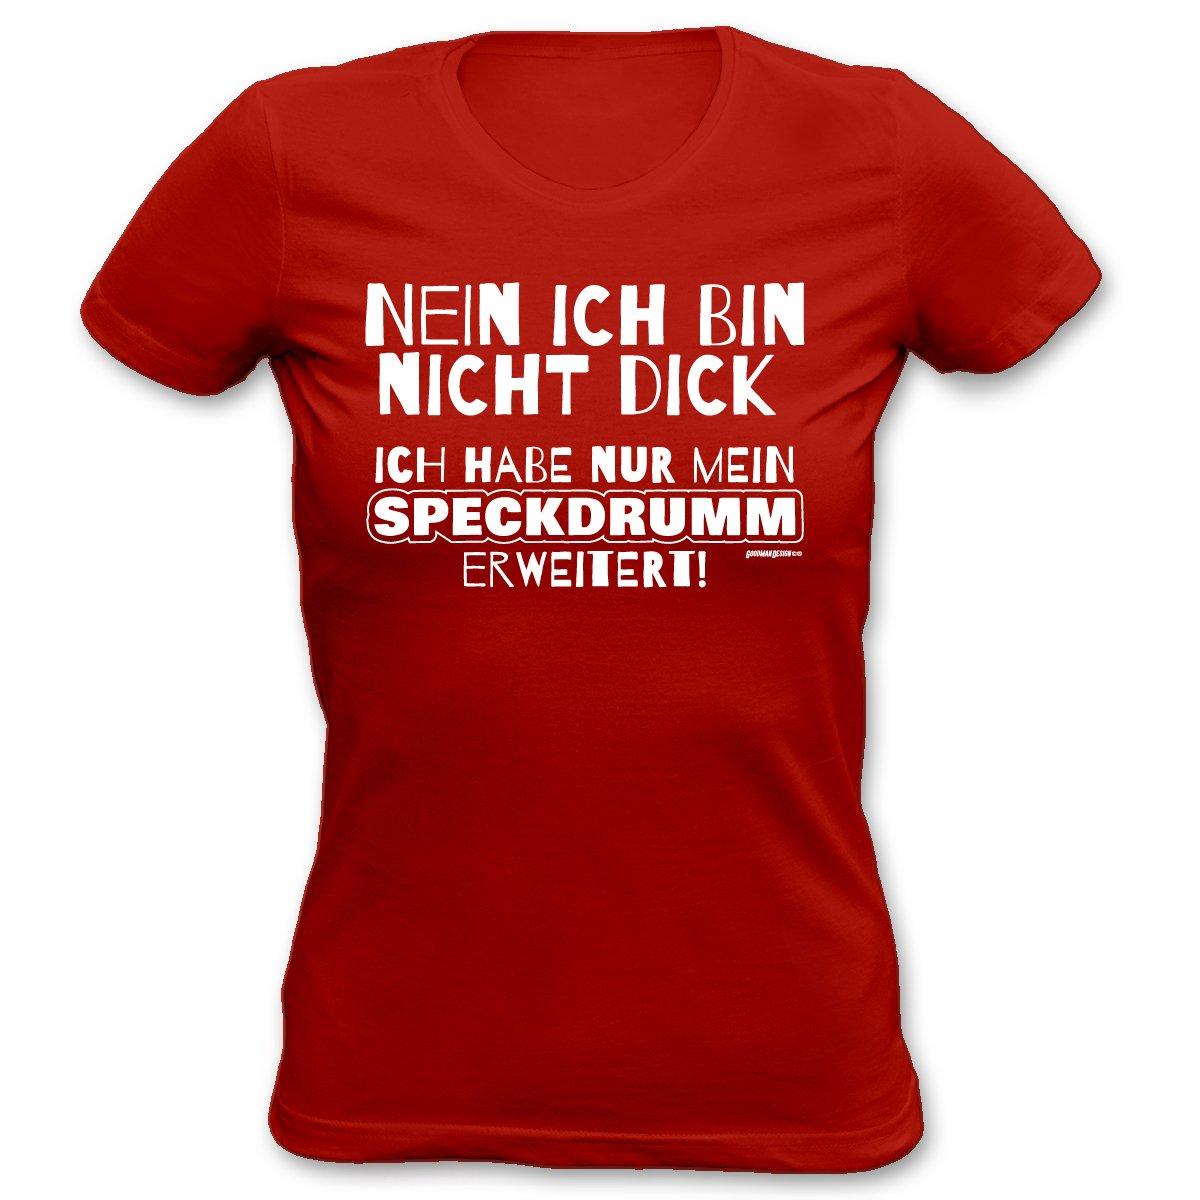 Damen Sprüche-Fun- T-Shirt Girlie-Shirt-Motiv coole-freche-witzige ...